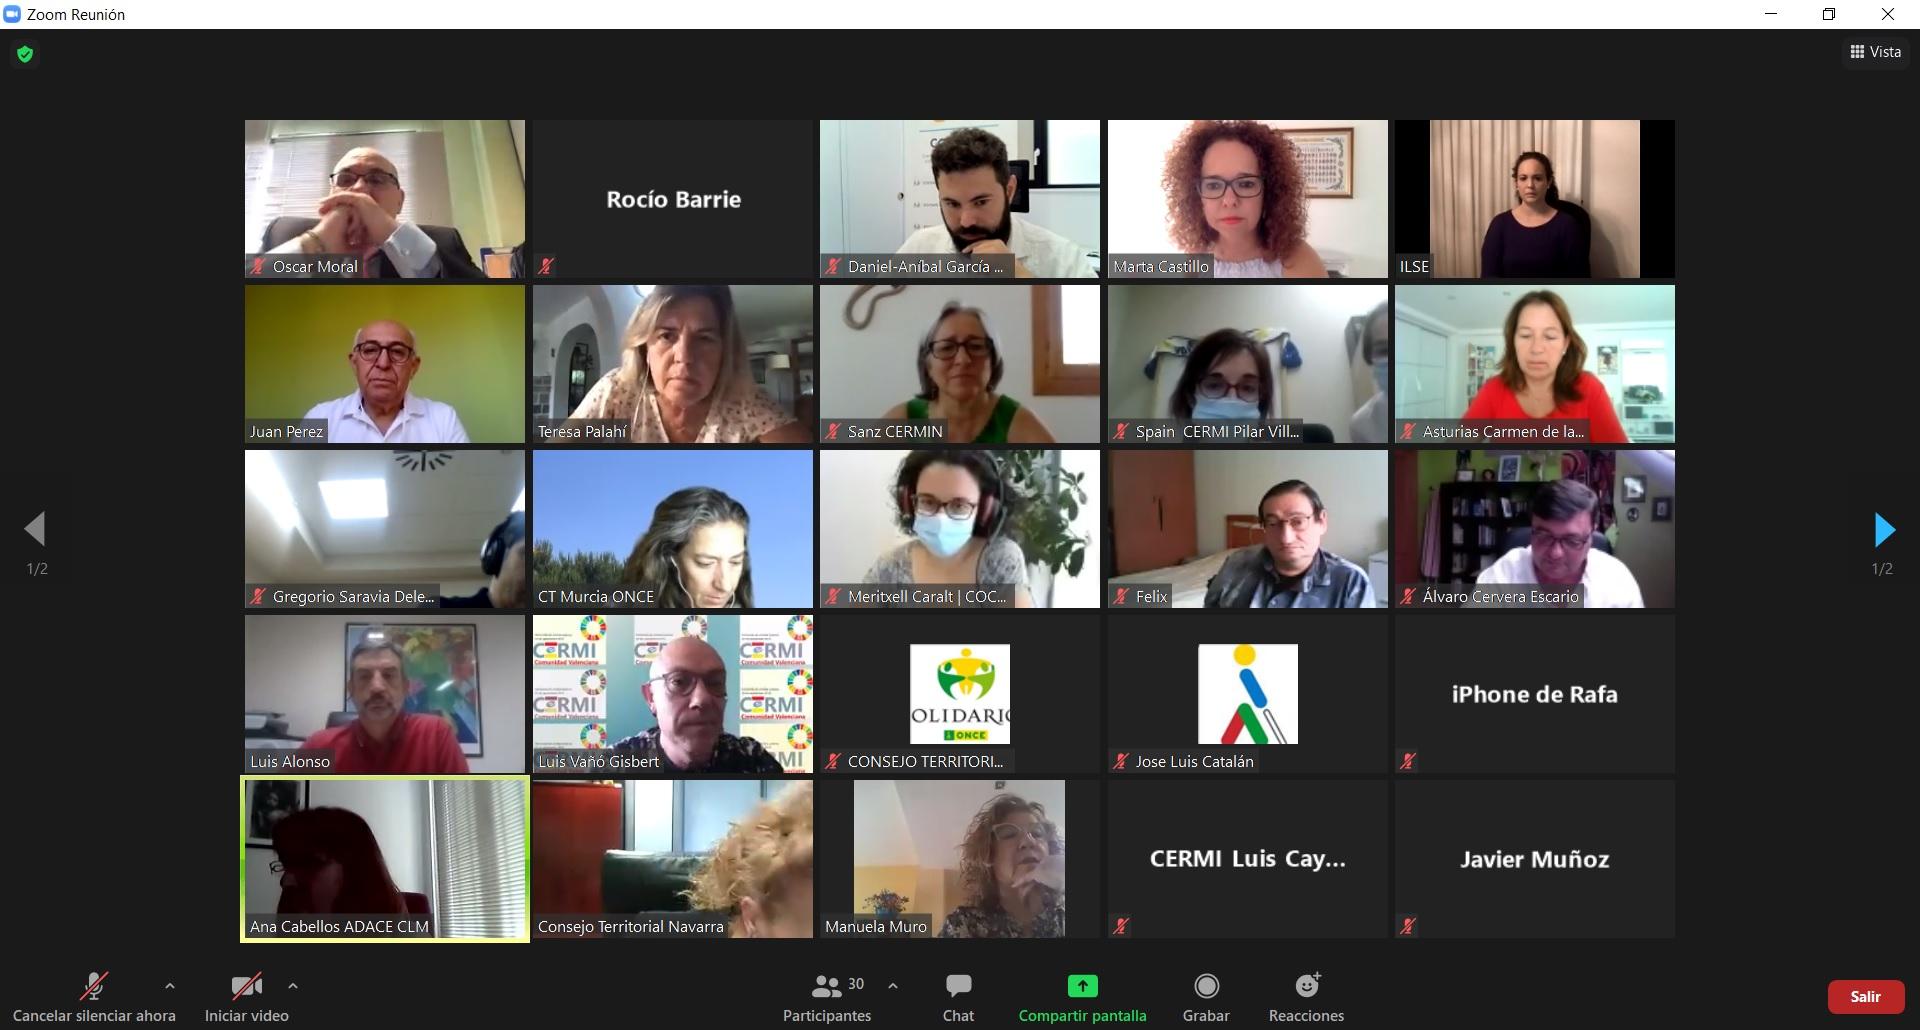 Captura de pantalla de un momento de la reunión donde aparecen las personas representantes de los CERMIs autonómicos asistentes a la reunión